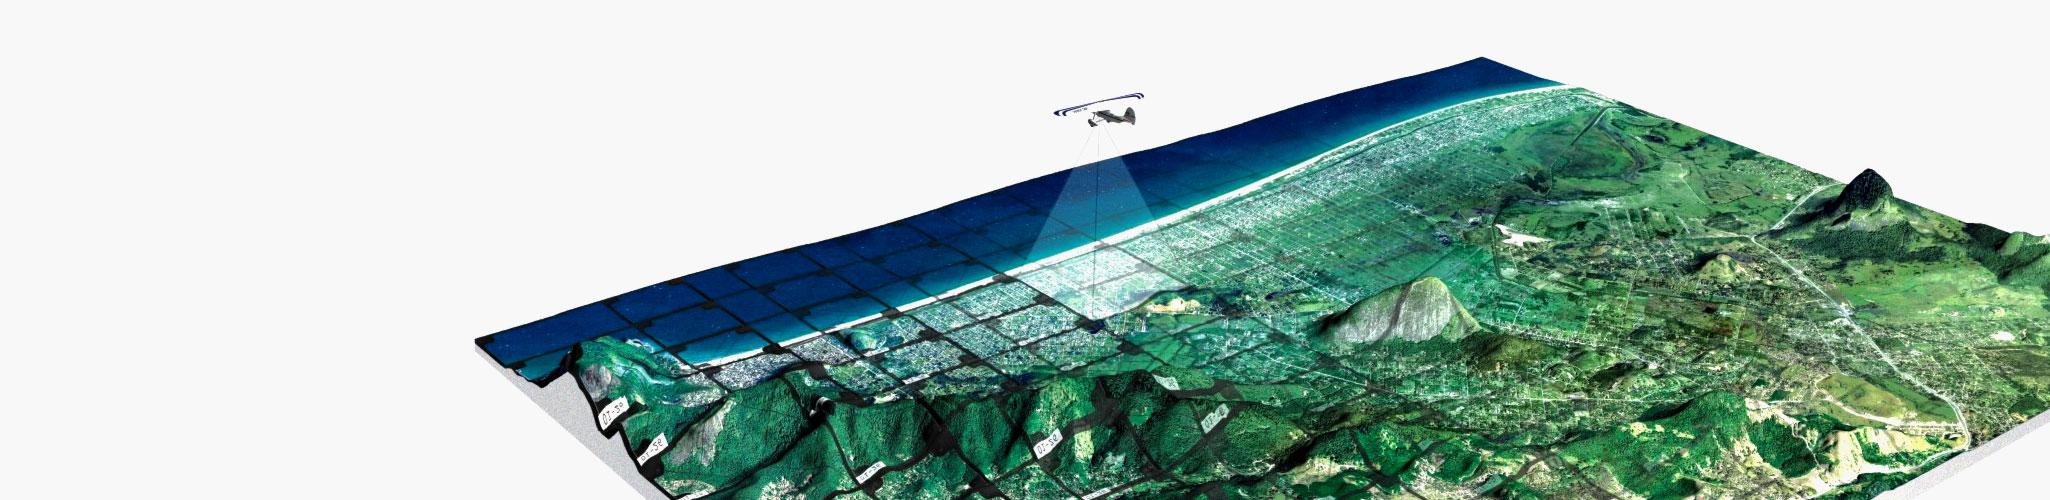 AEROFOTOGRAMETRIA-viasat